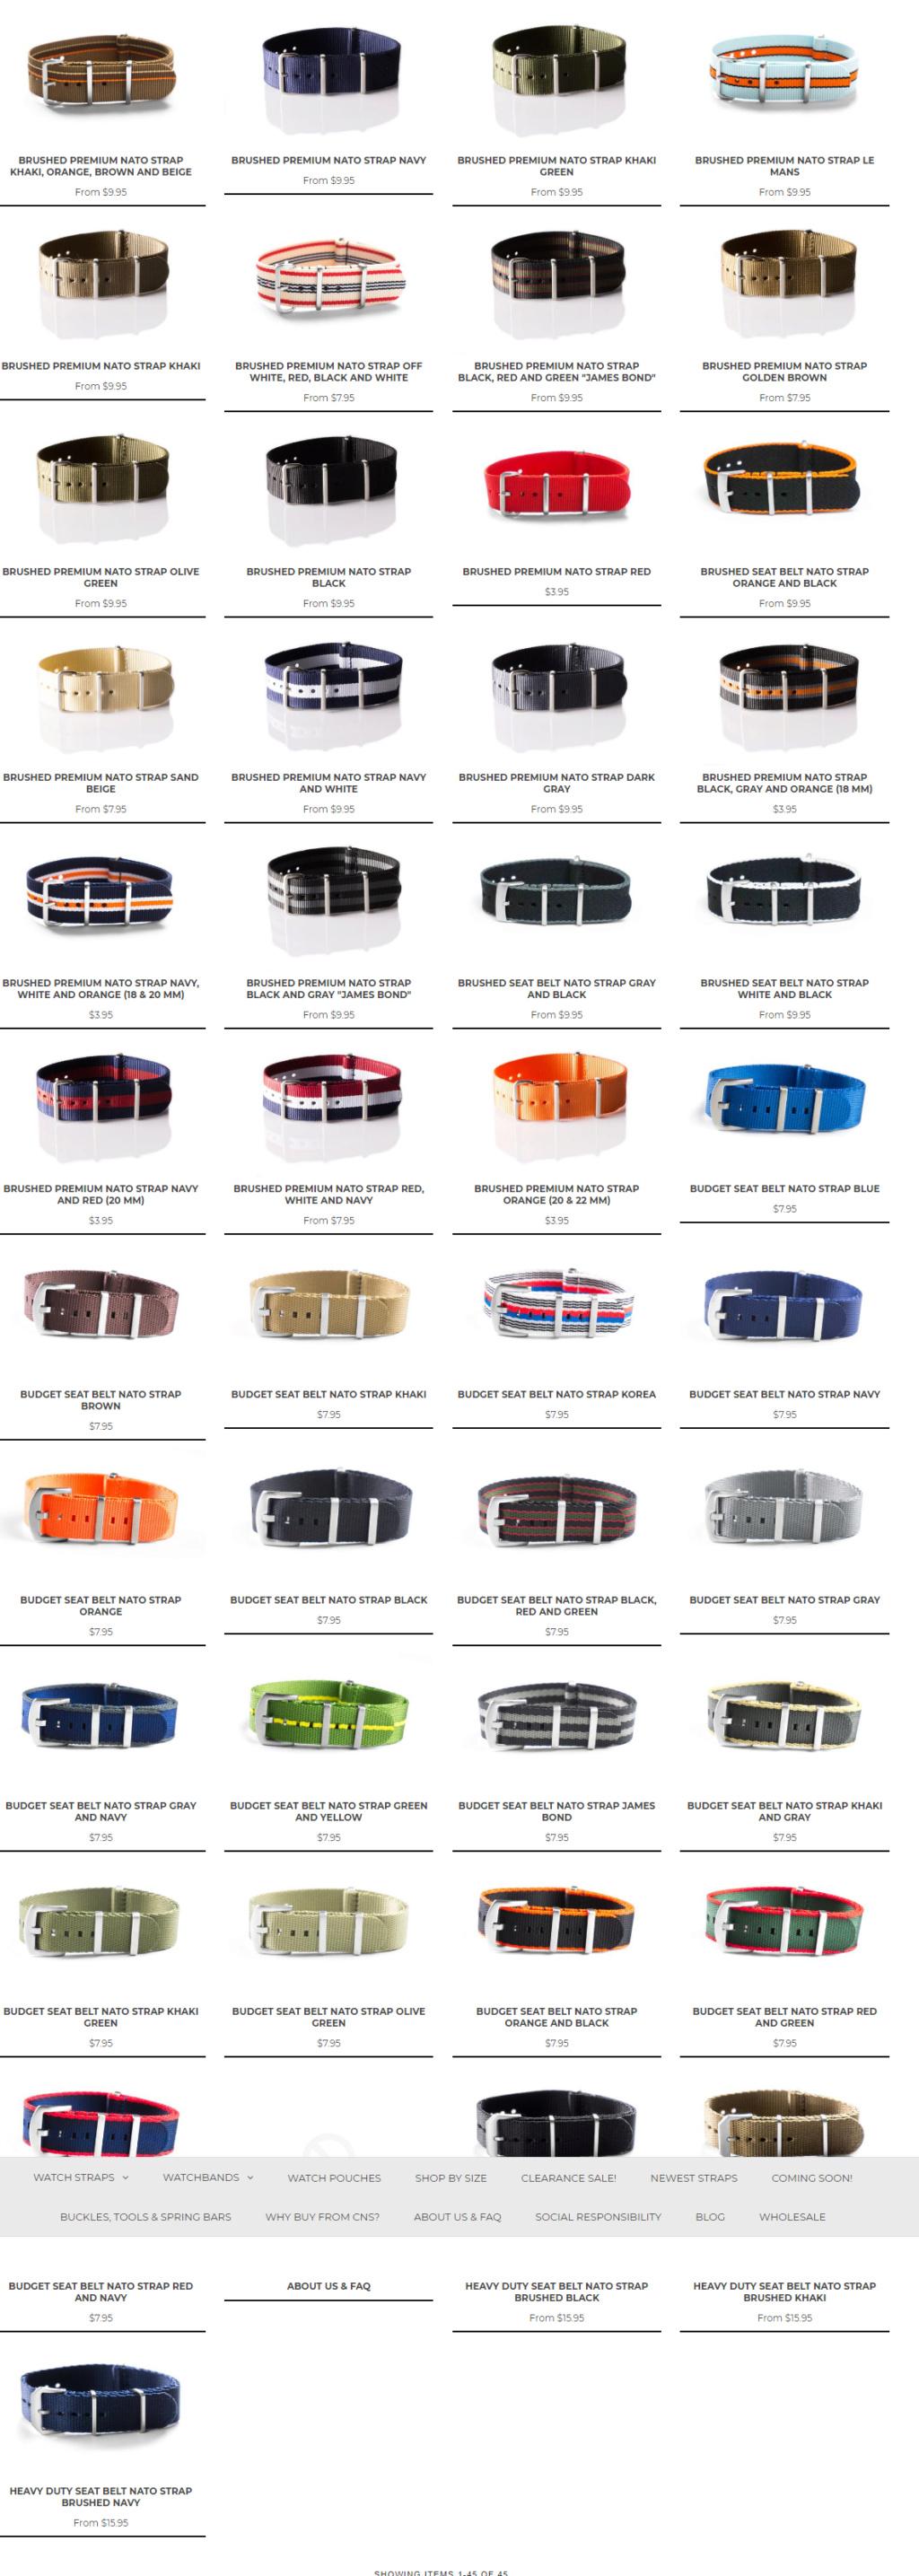 victorinox - Choix d'un bracelet pour Victorinox Preium10